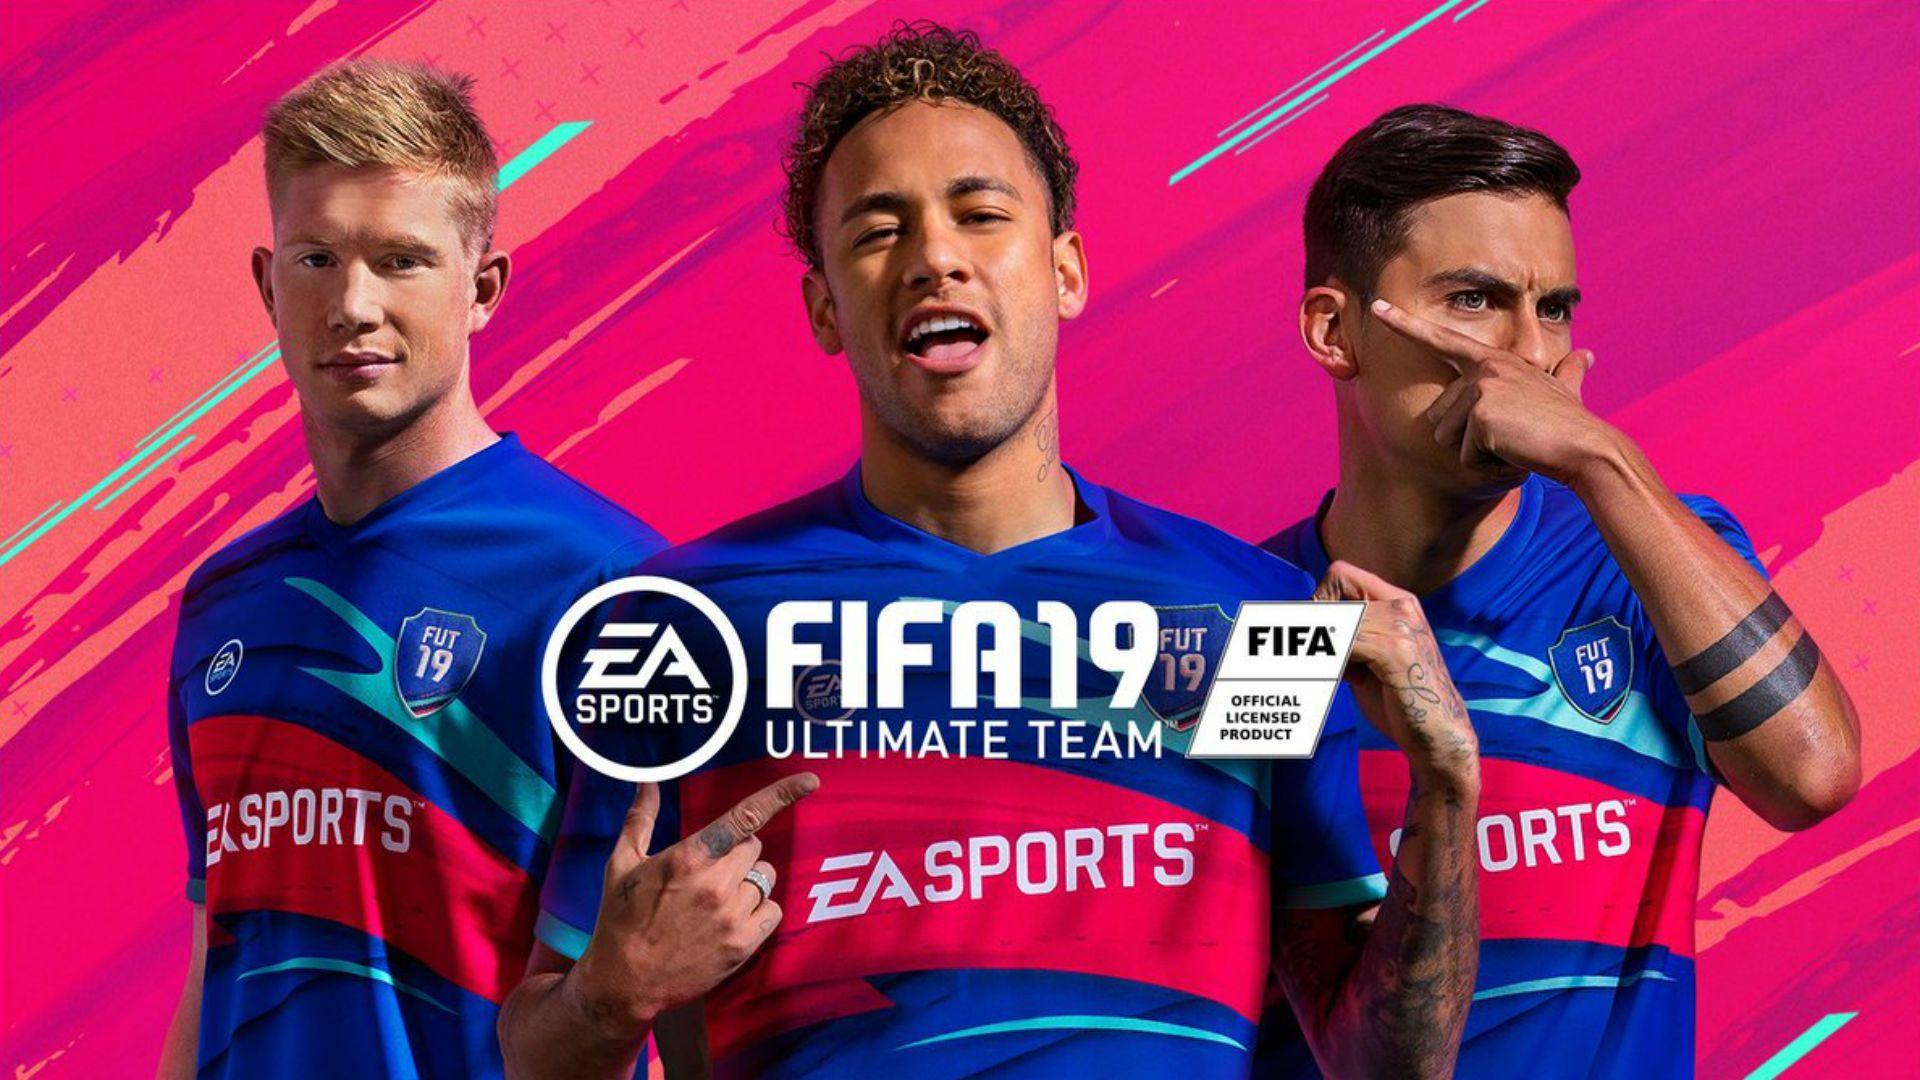 FIFA 19 HD Wallpapers - Wallpaper Cave